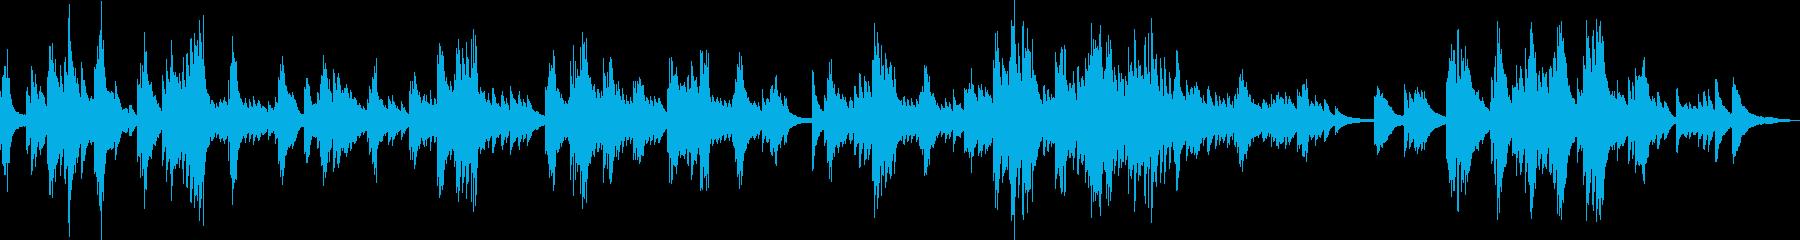 悲しいピアノバラード(切ない・暗い)の再生済みの波形